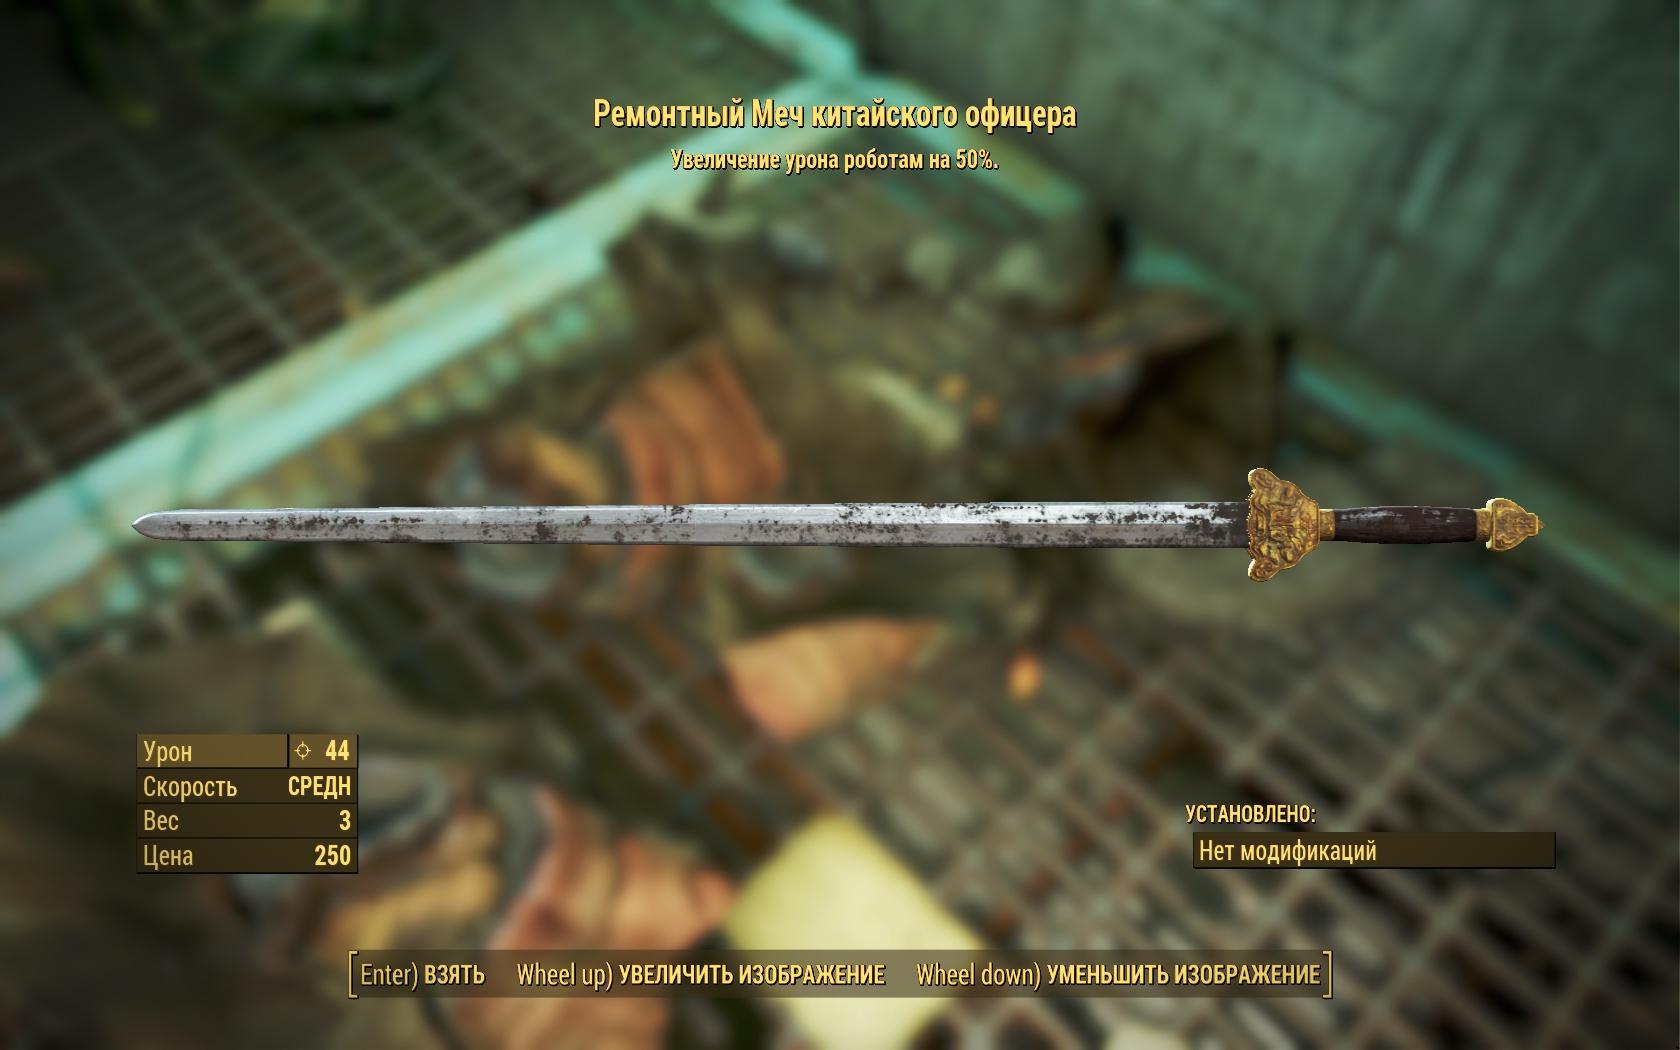 Ремонтный меч китайского офицера - Fallout 4 китайский, Оружие, офицер, Ремонтный